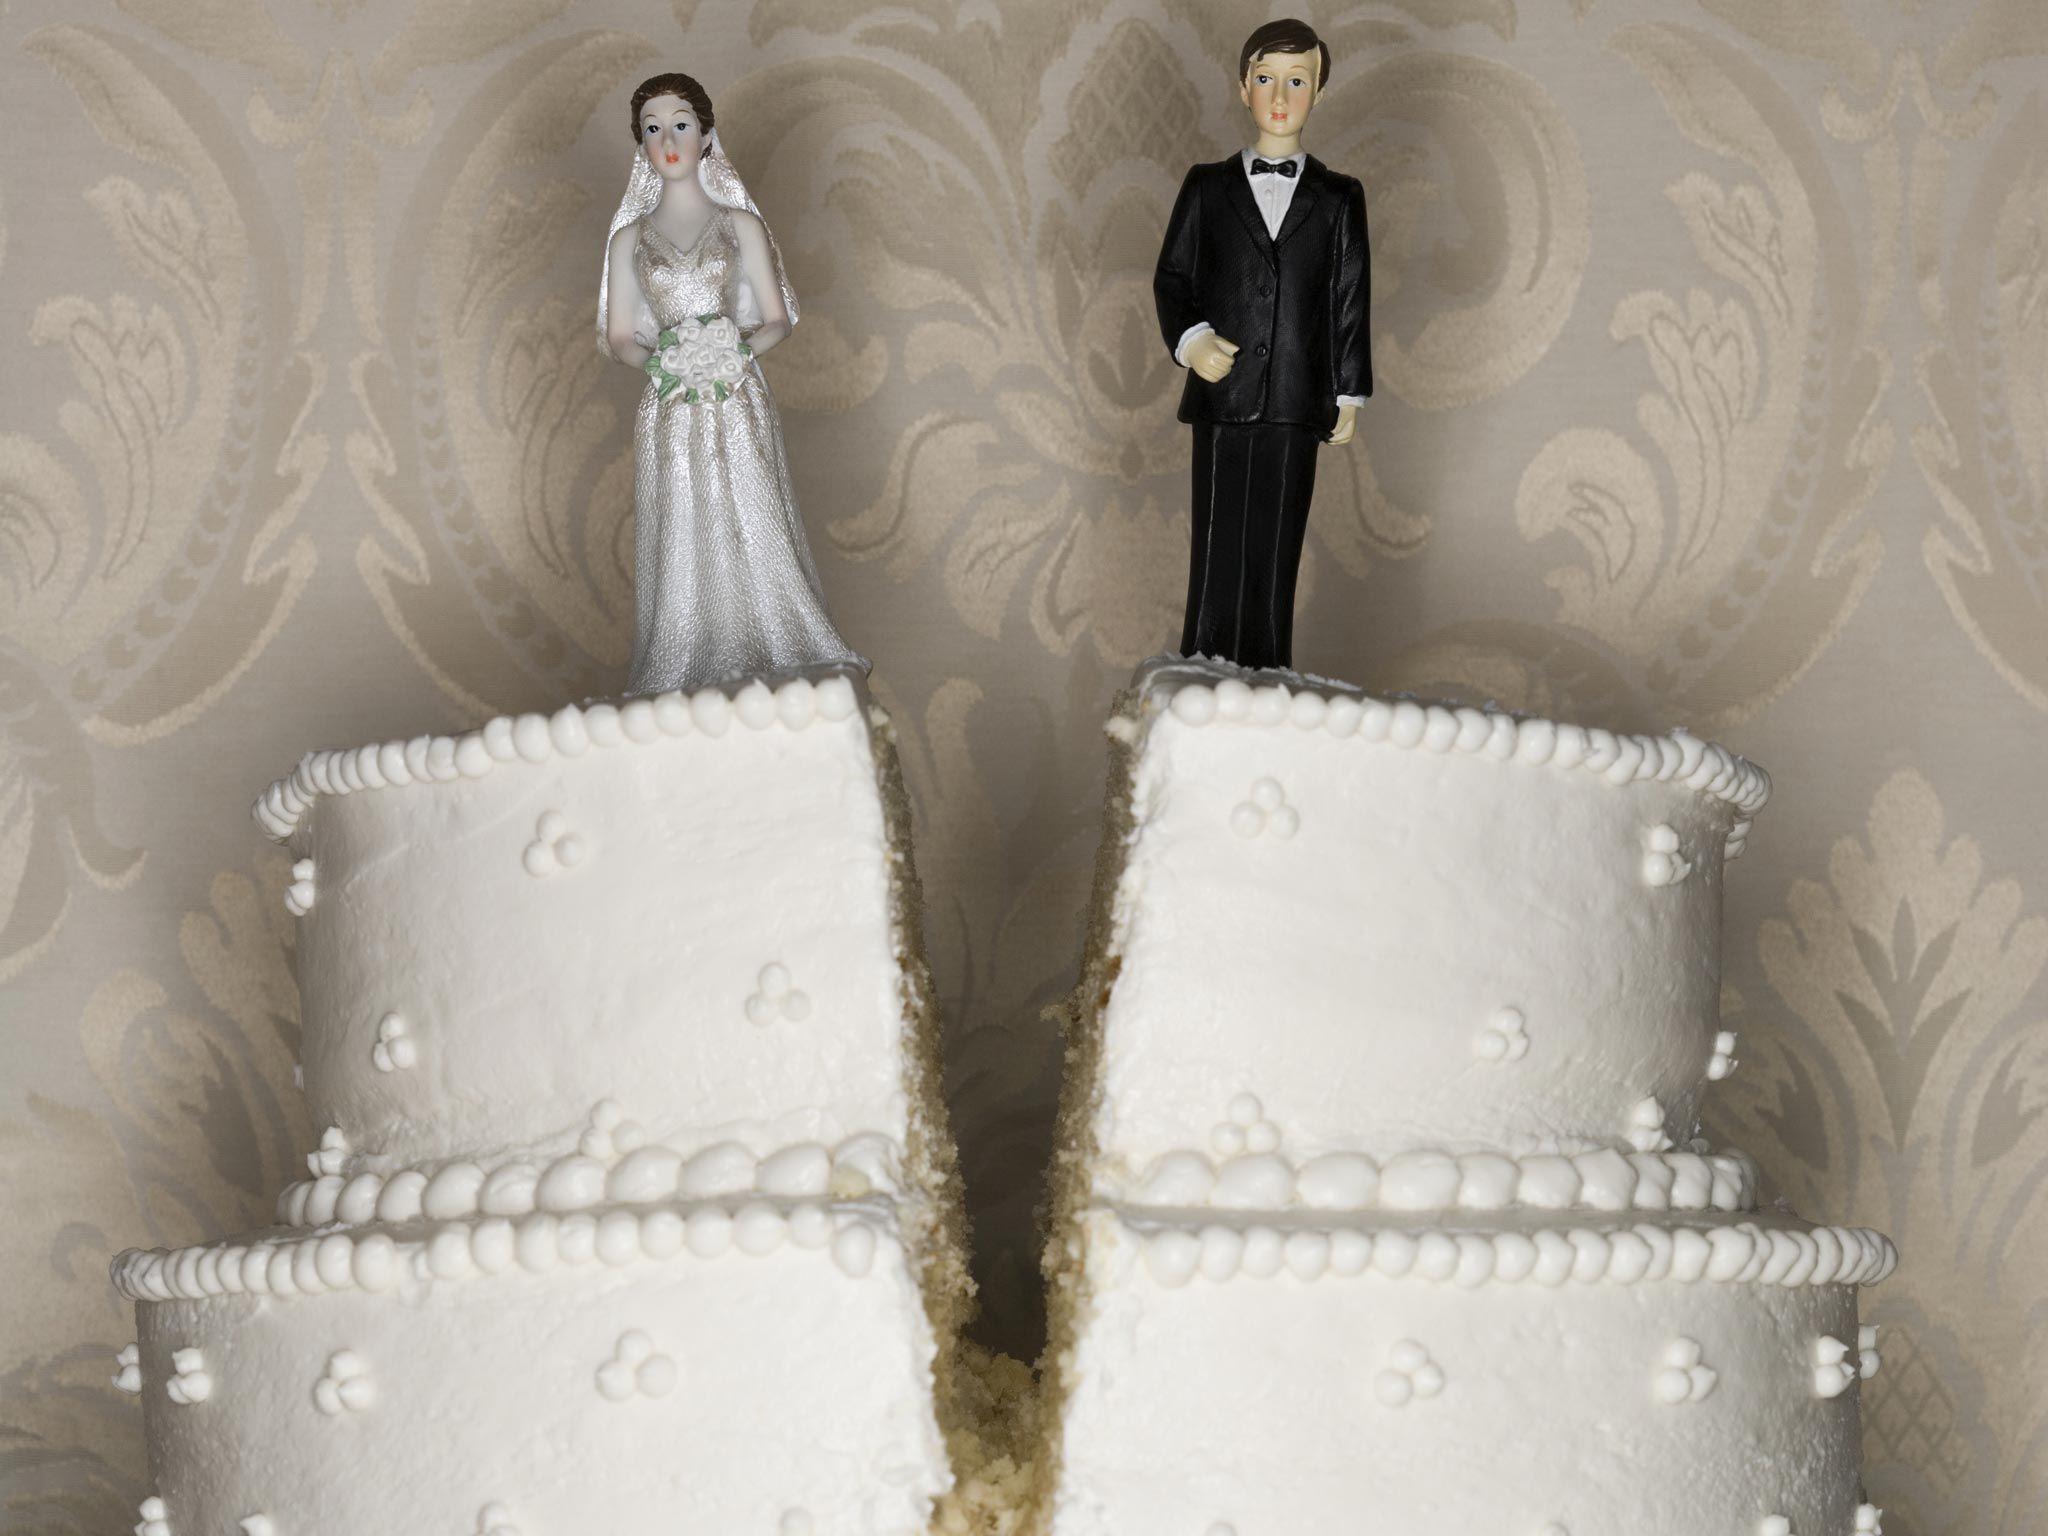 Si vous pensez à demander le divorce dès le 11 mai, voilà pourquoi vous devriez probablement y réfléchir à deux fois